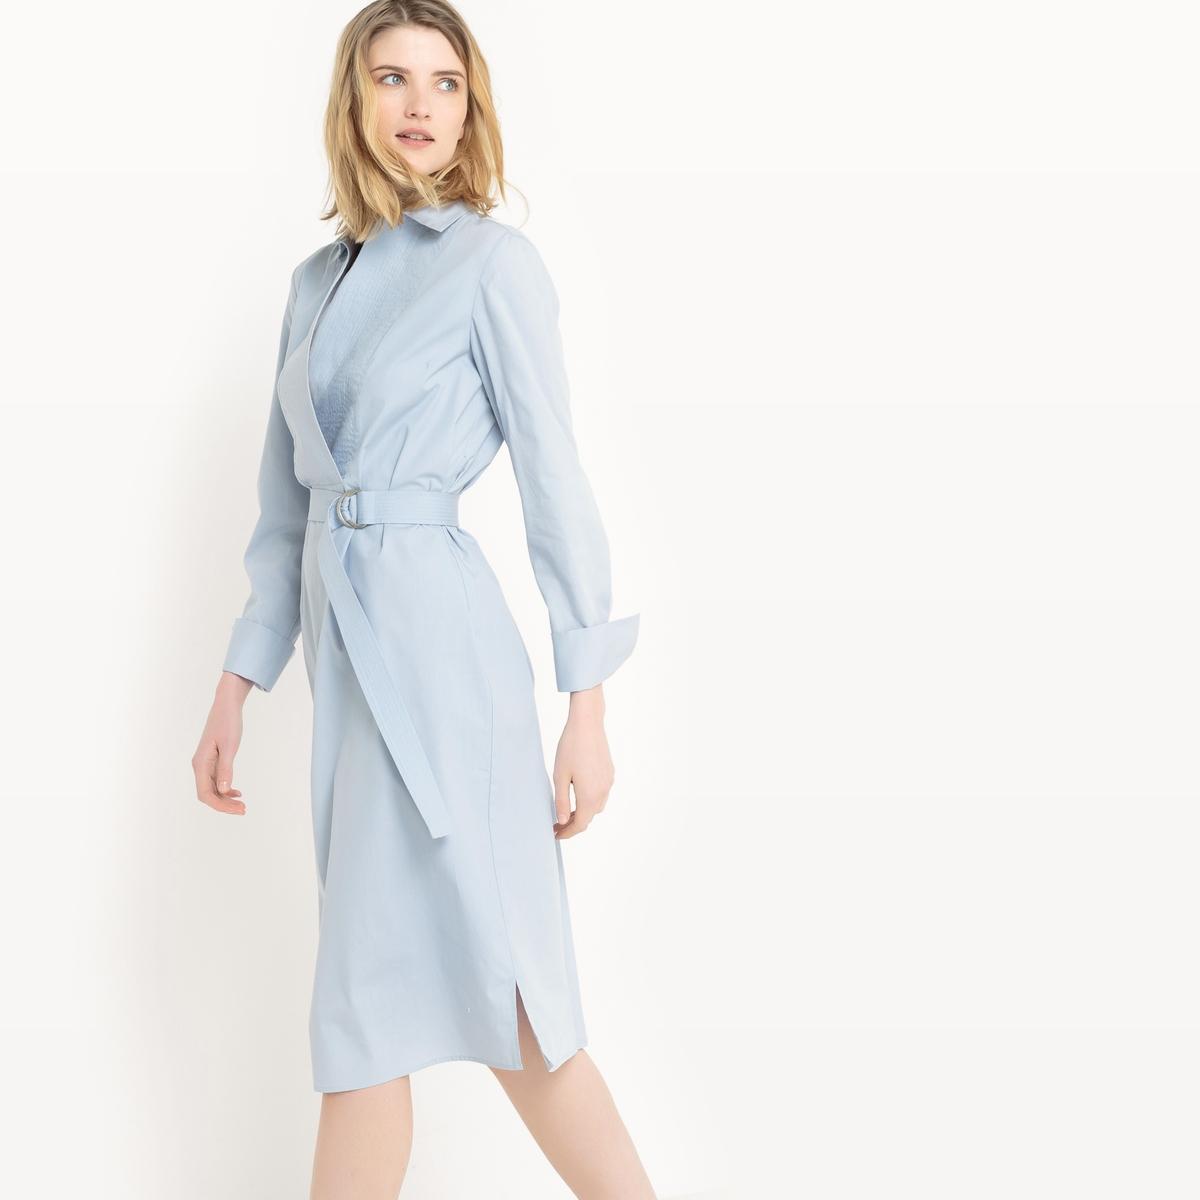 Платье-рубашка, 100% хлопок рубашка узкая 100% хлопок